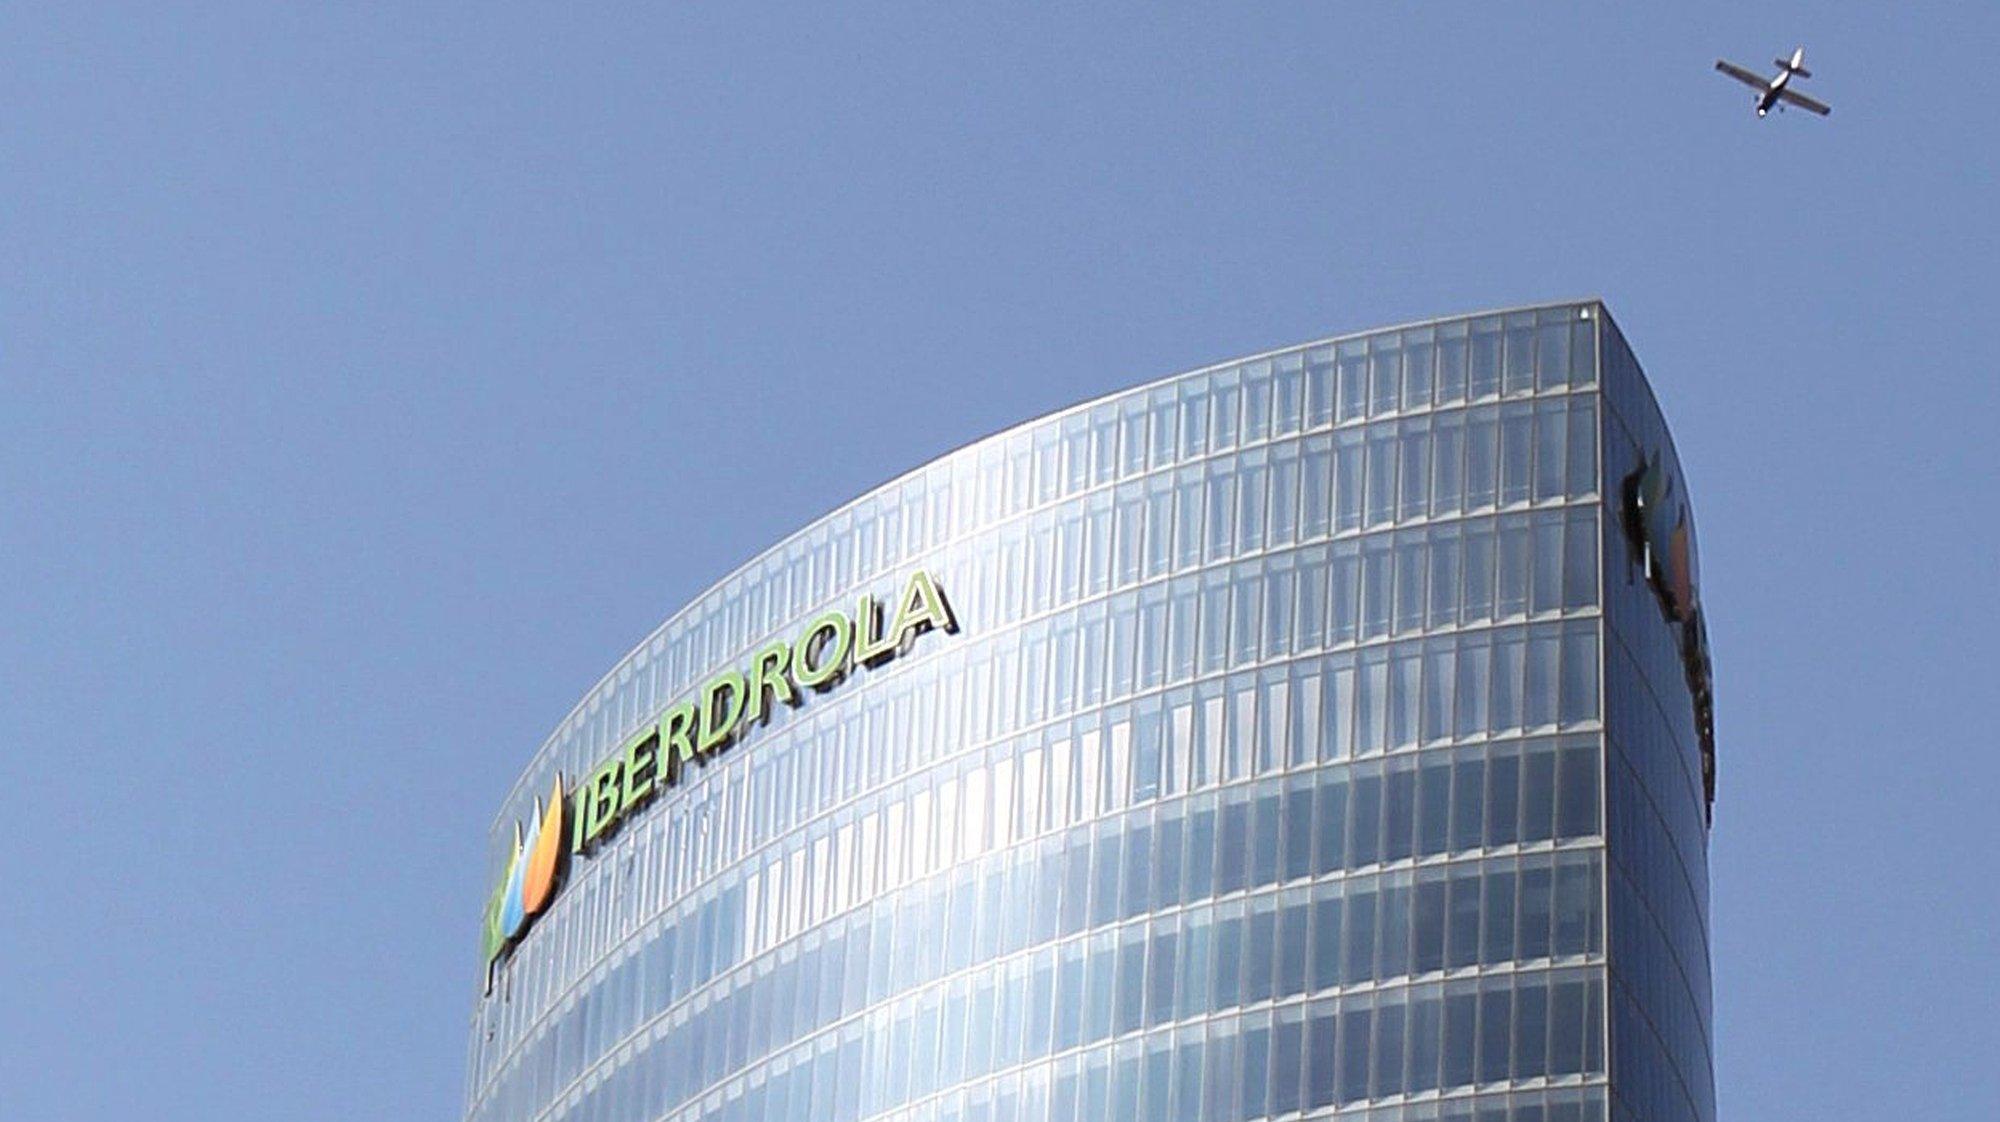 Sede da empresas energética espanhola Iberdrola, em Bilbao.